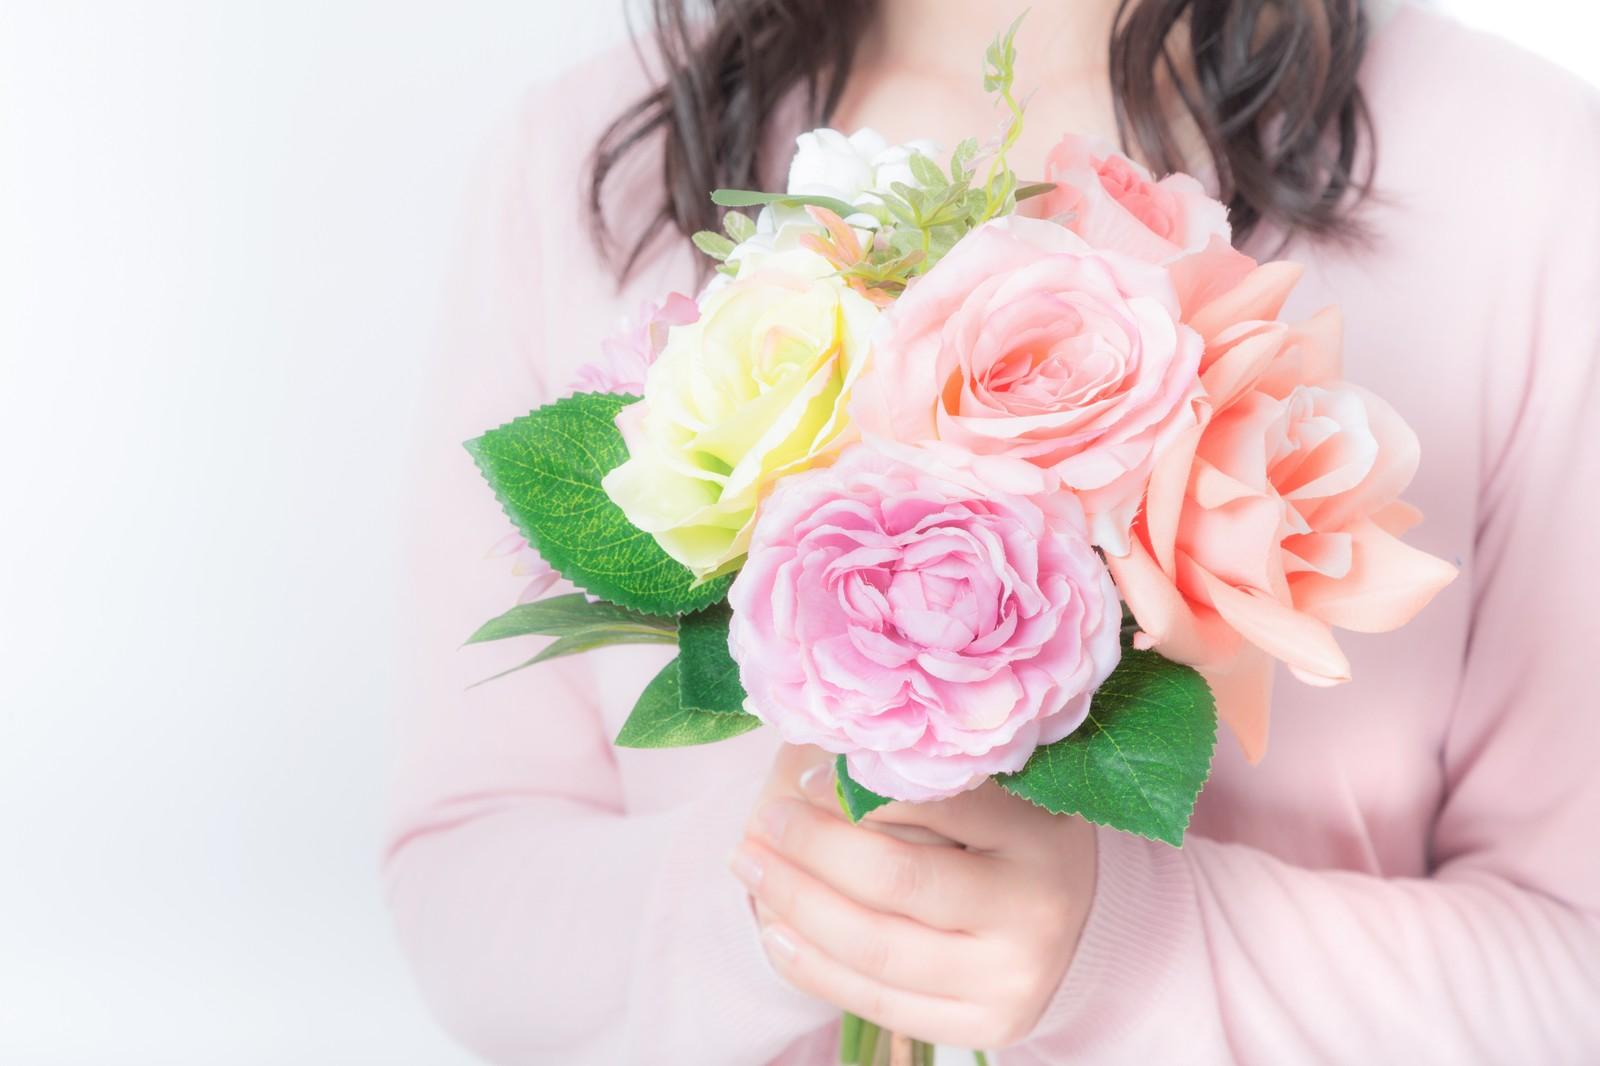 上野チャットレディの店舗が情報掲載サイトチャットガールベストショップに掲載されました!